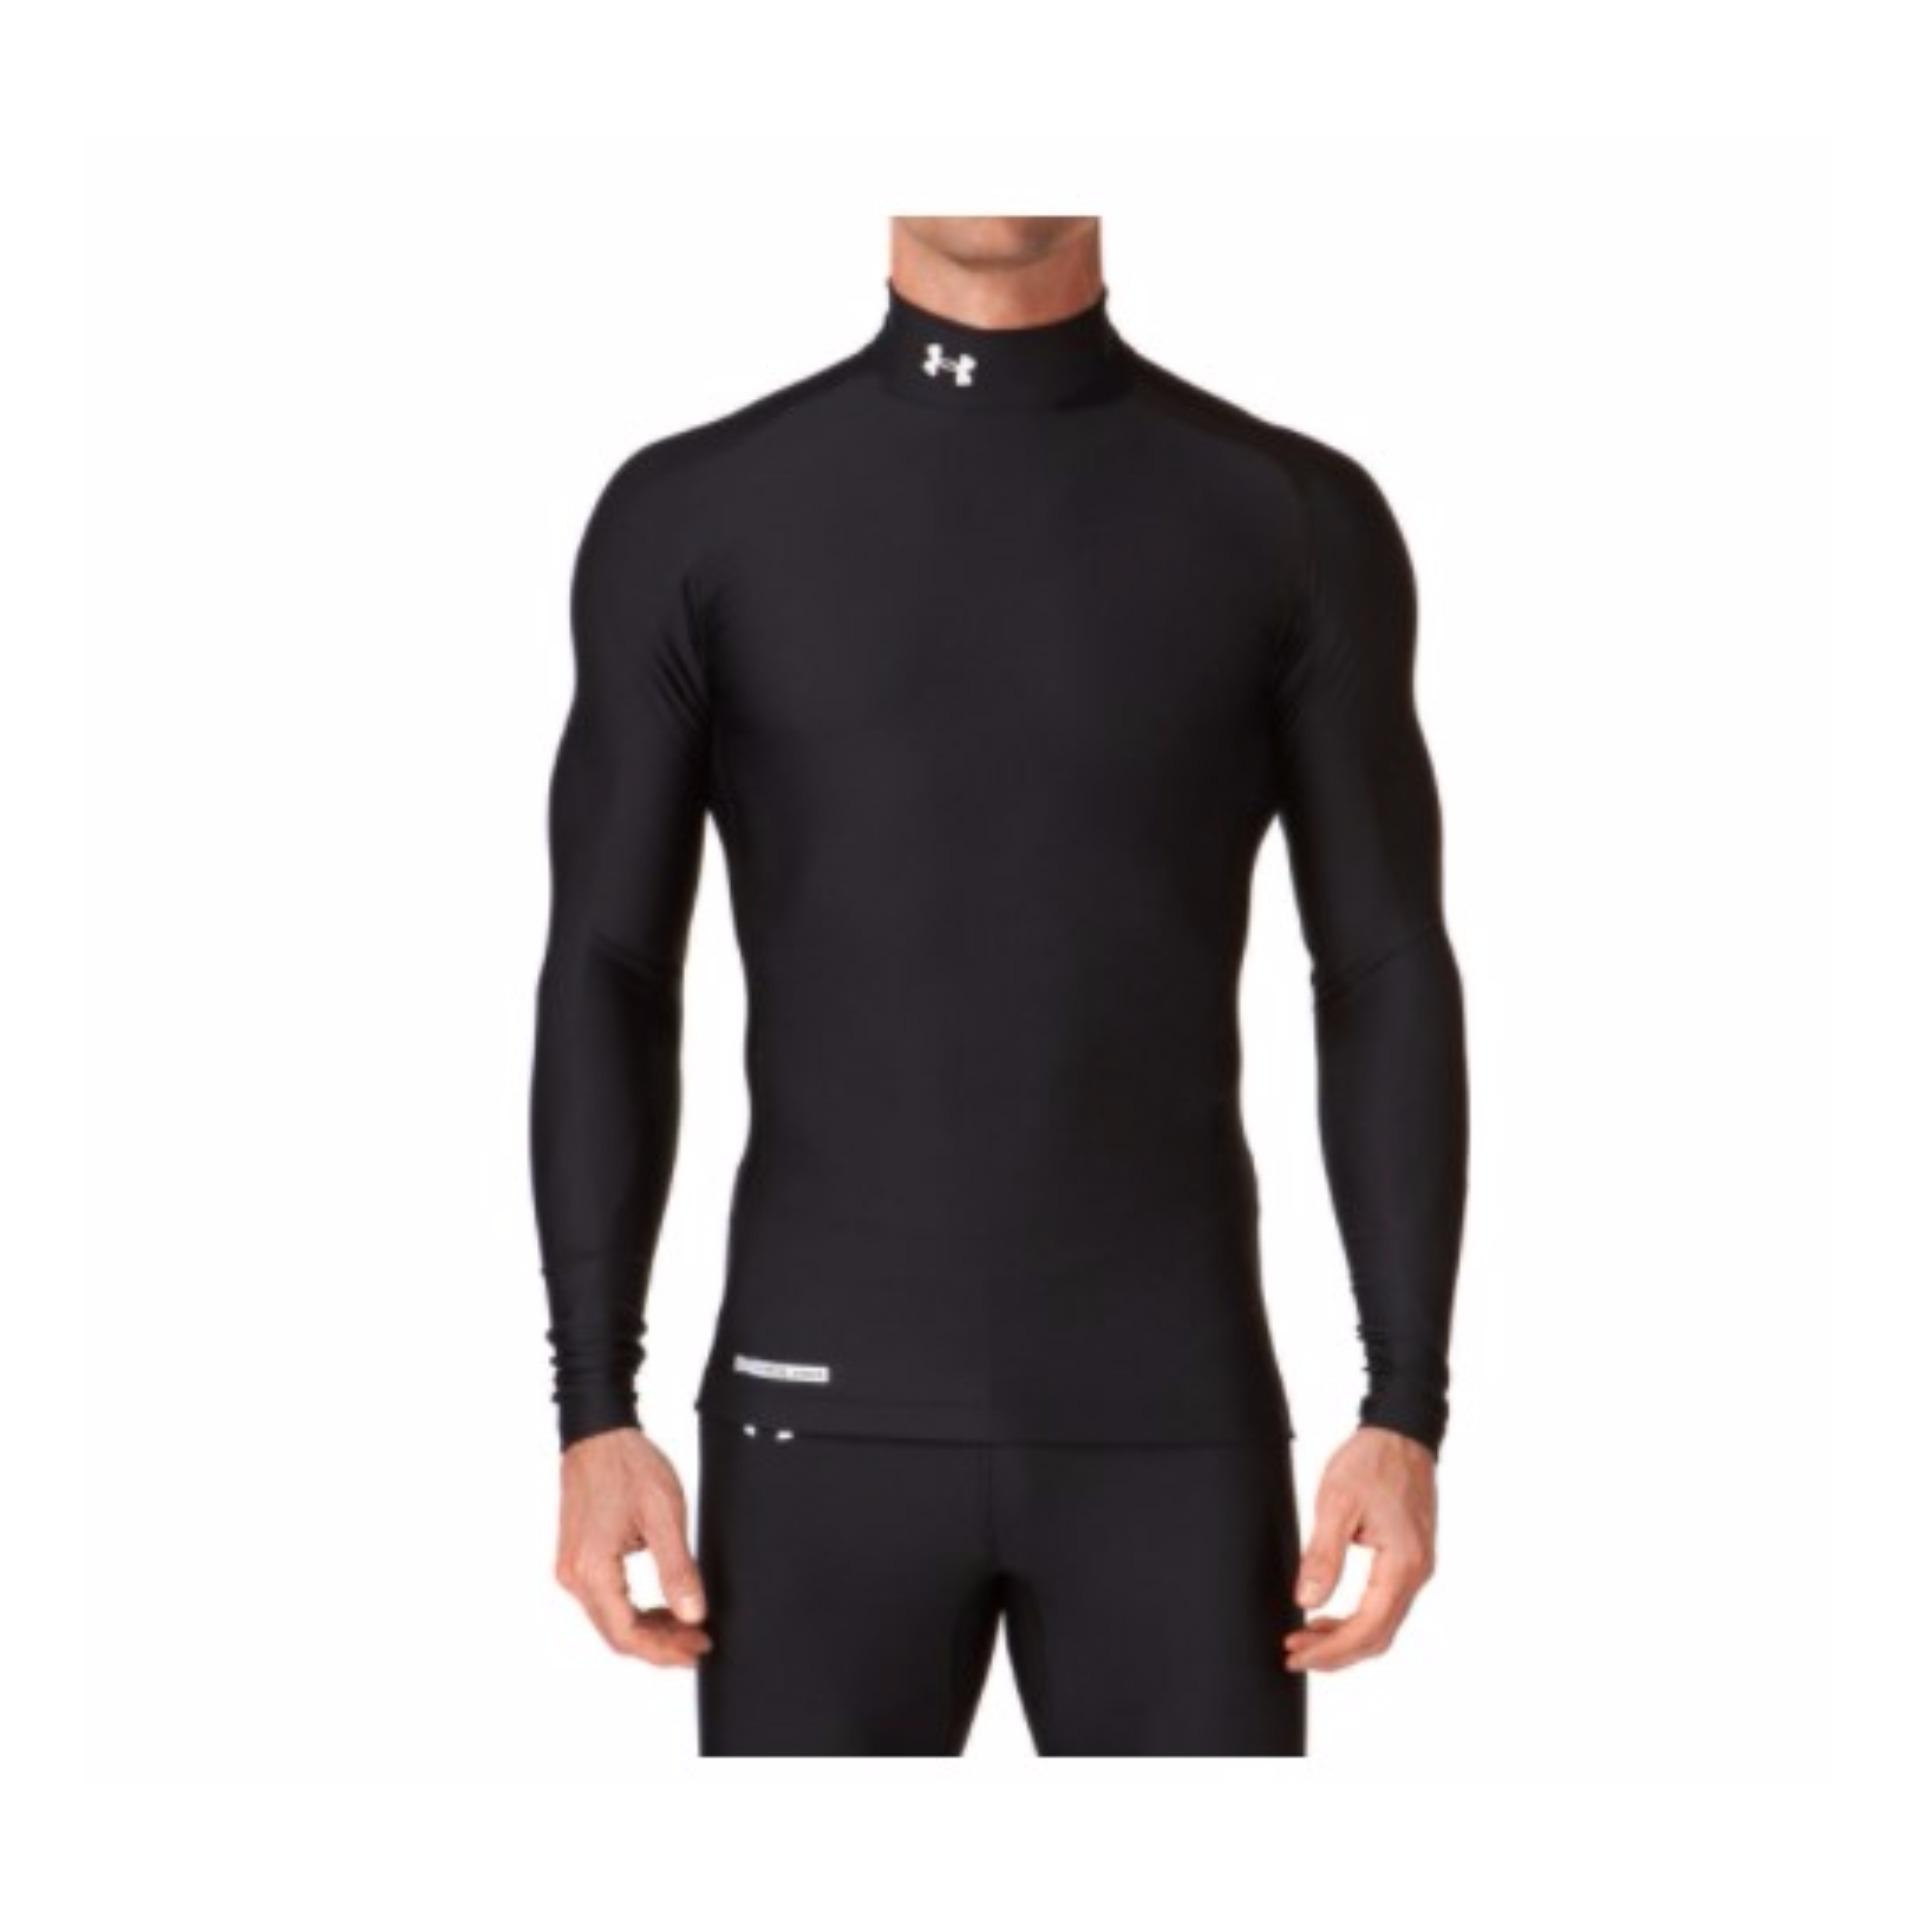 Baselayer   Manset Under Armour Heat Gear Black terbaik murah - Hanya  Rp61.948 dfe1d89b76